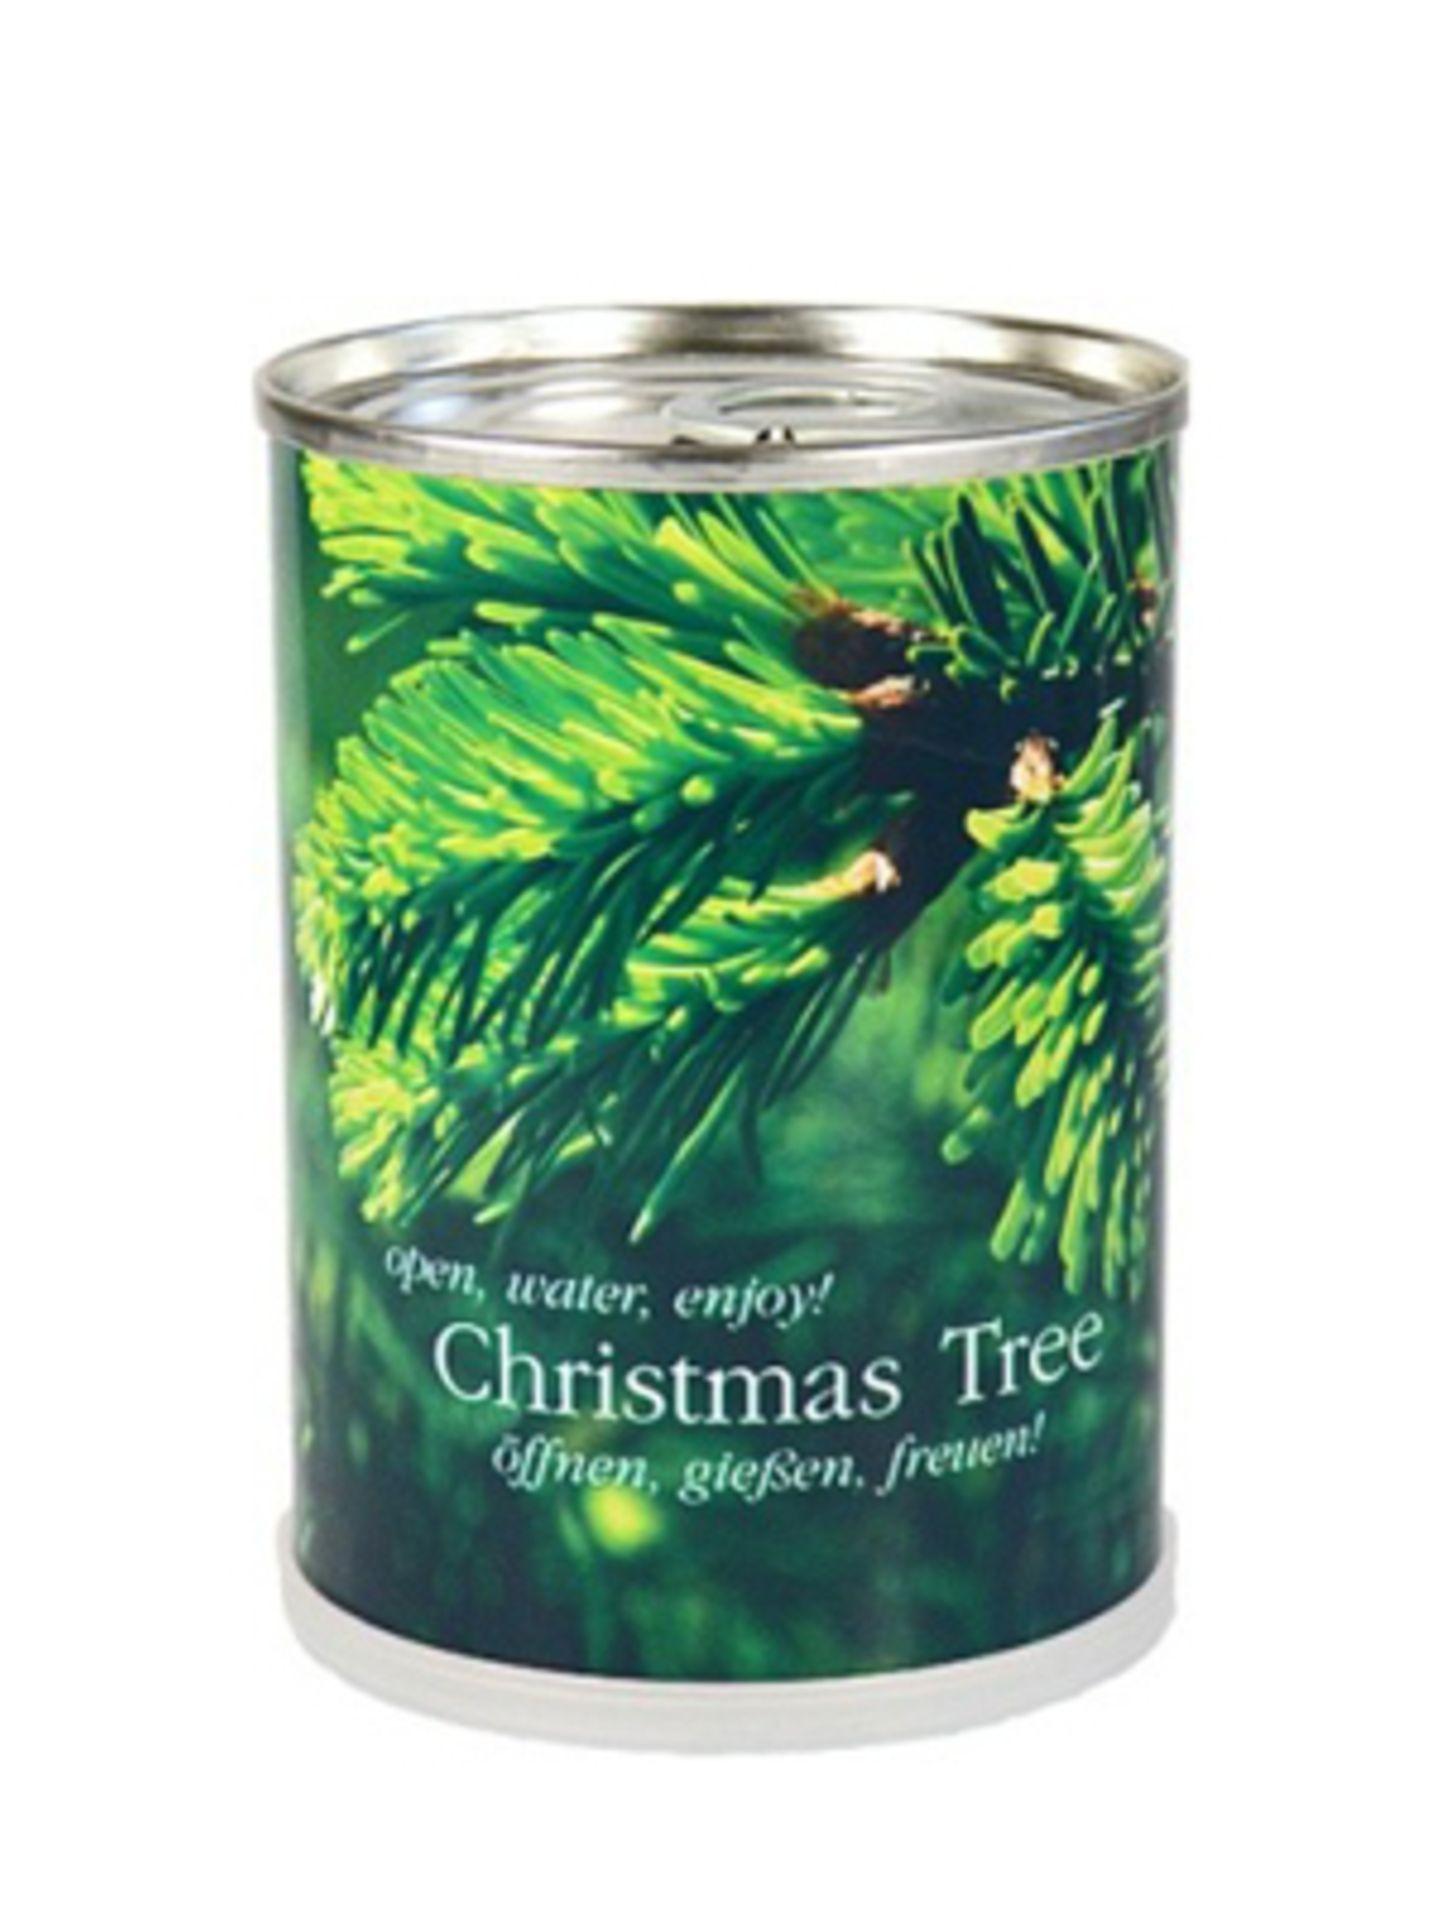 Kein Platz für einen Tannenbaum im winzigen WG-Zimmer? Jetzt gibt's die Lösung: Der Tannenbaum aus der Dose sorgt für die nötige weihnachtliche Vorfreude daheim und macht dabei nicht viel mehr Arbeit als ein bisschen Gießen. Von YPSILON, um 6 Euro. Und platzsparend ist er obendrein.